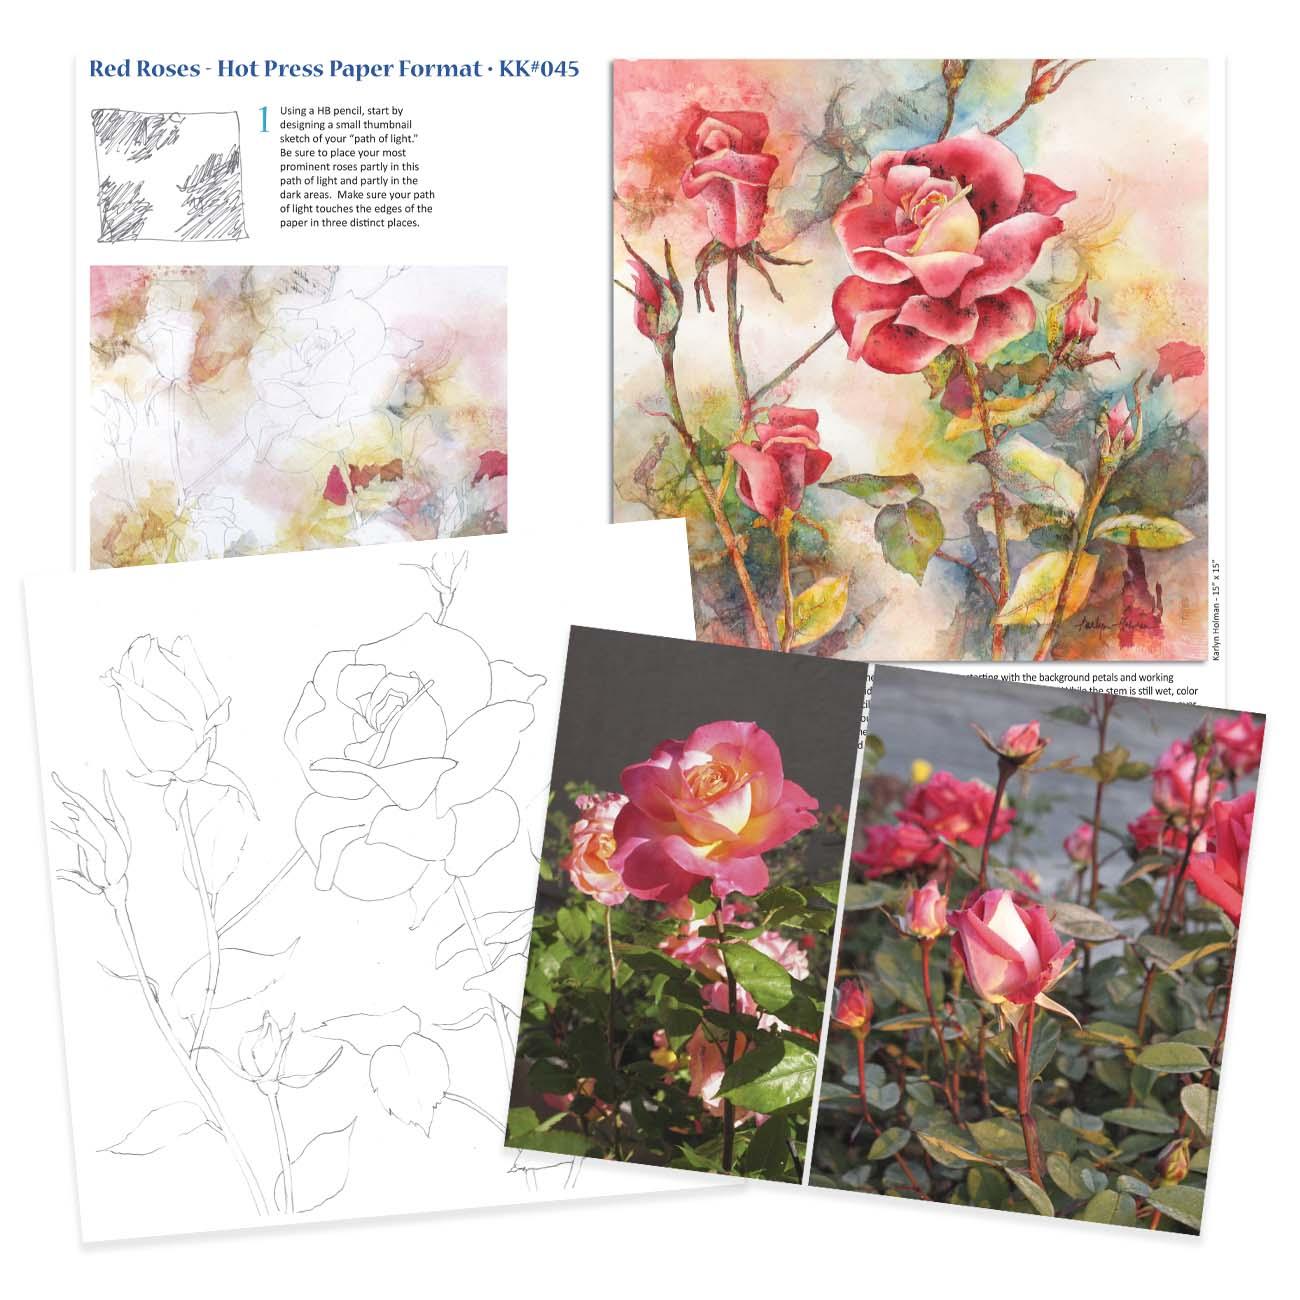 KK045 Red Roses on Hot Press Paper